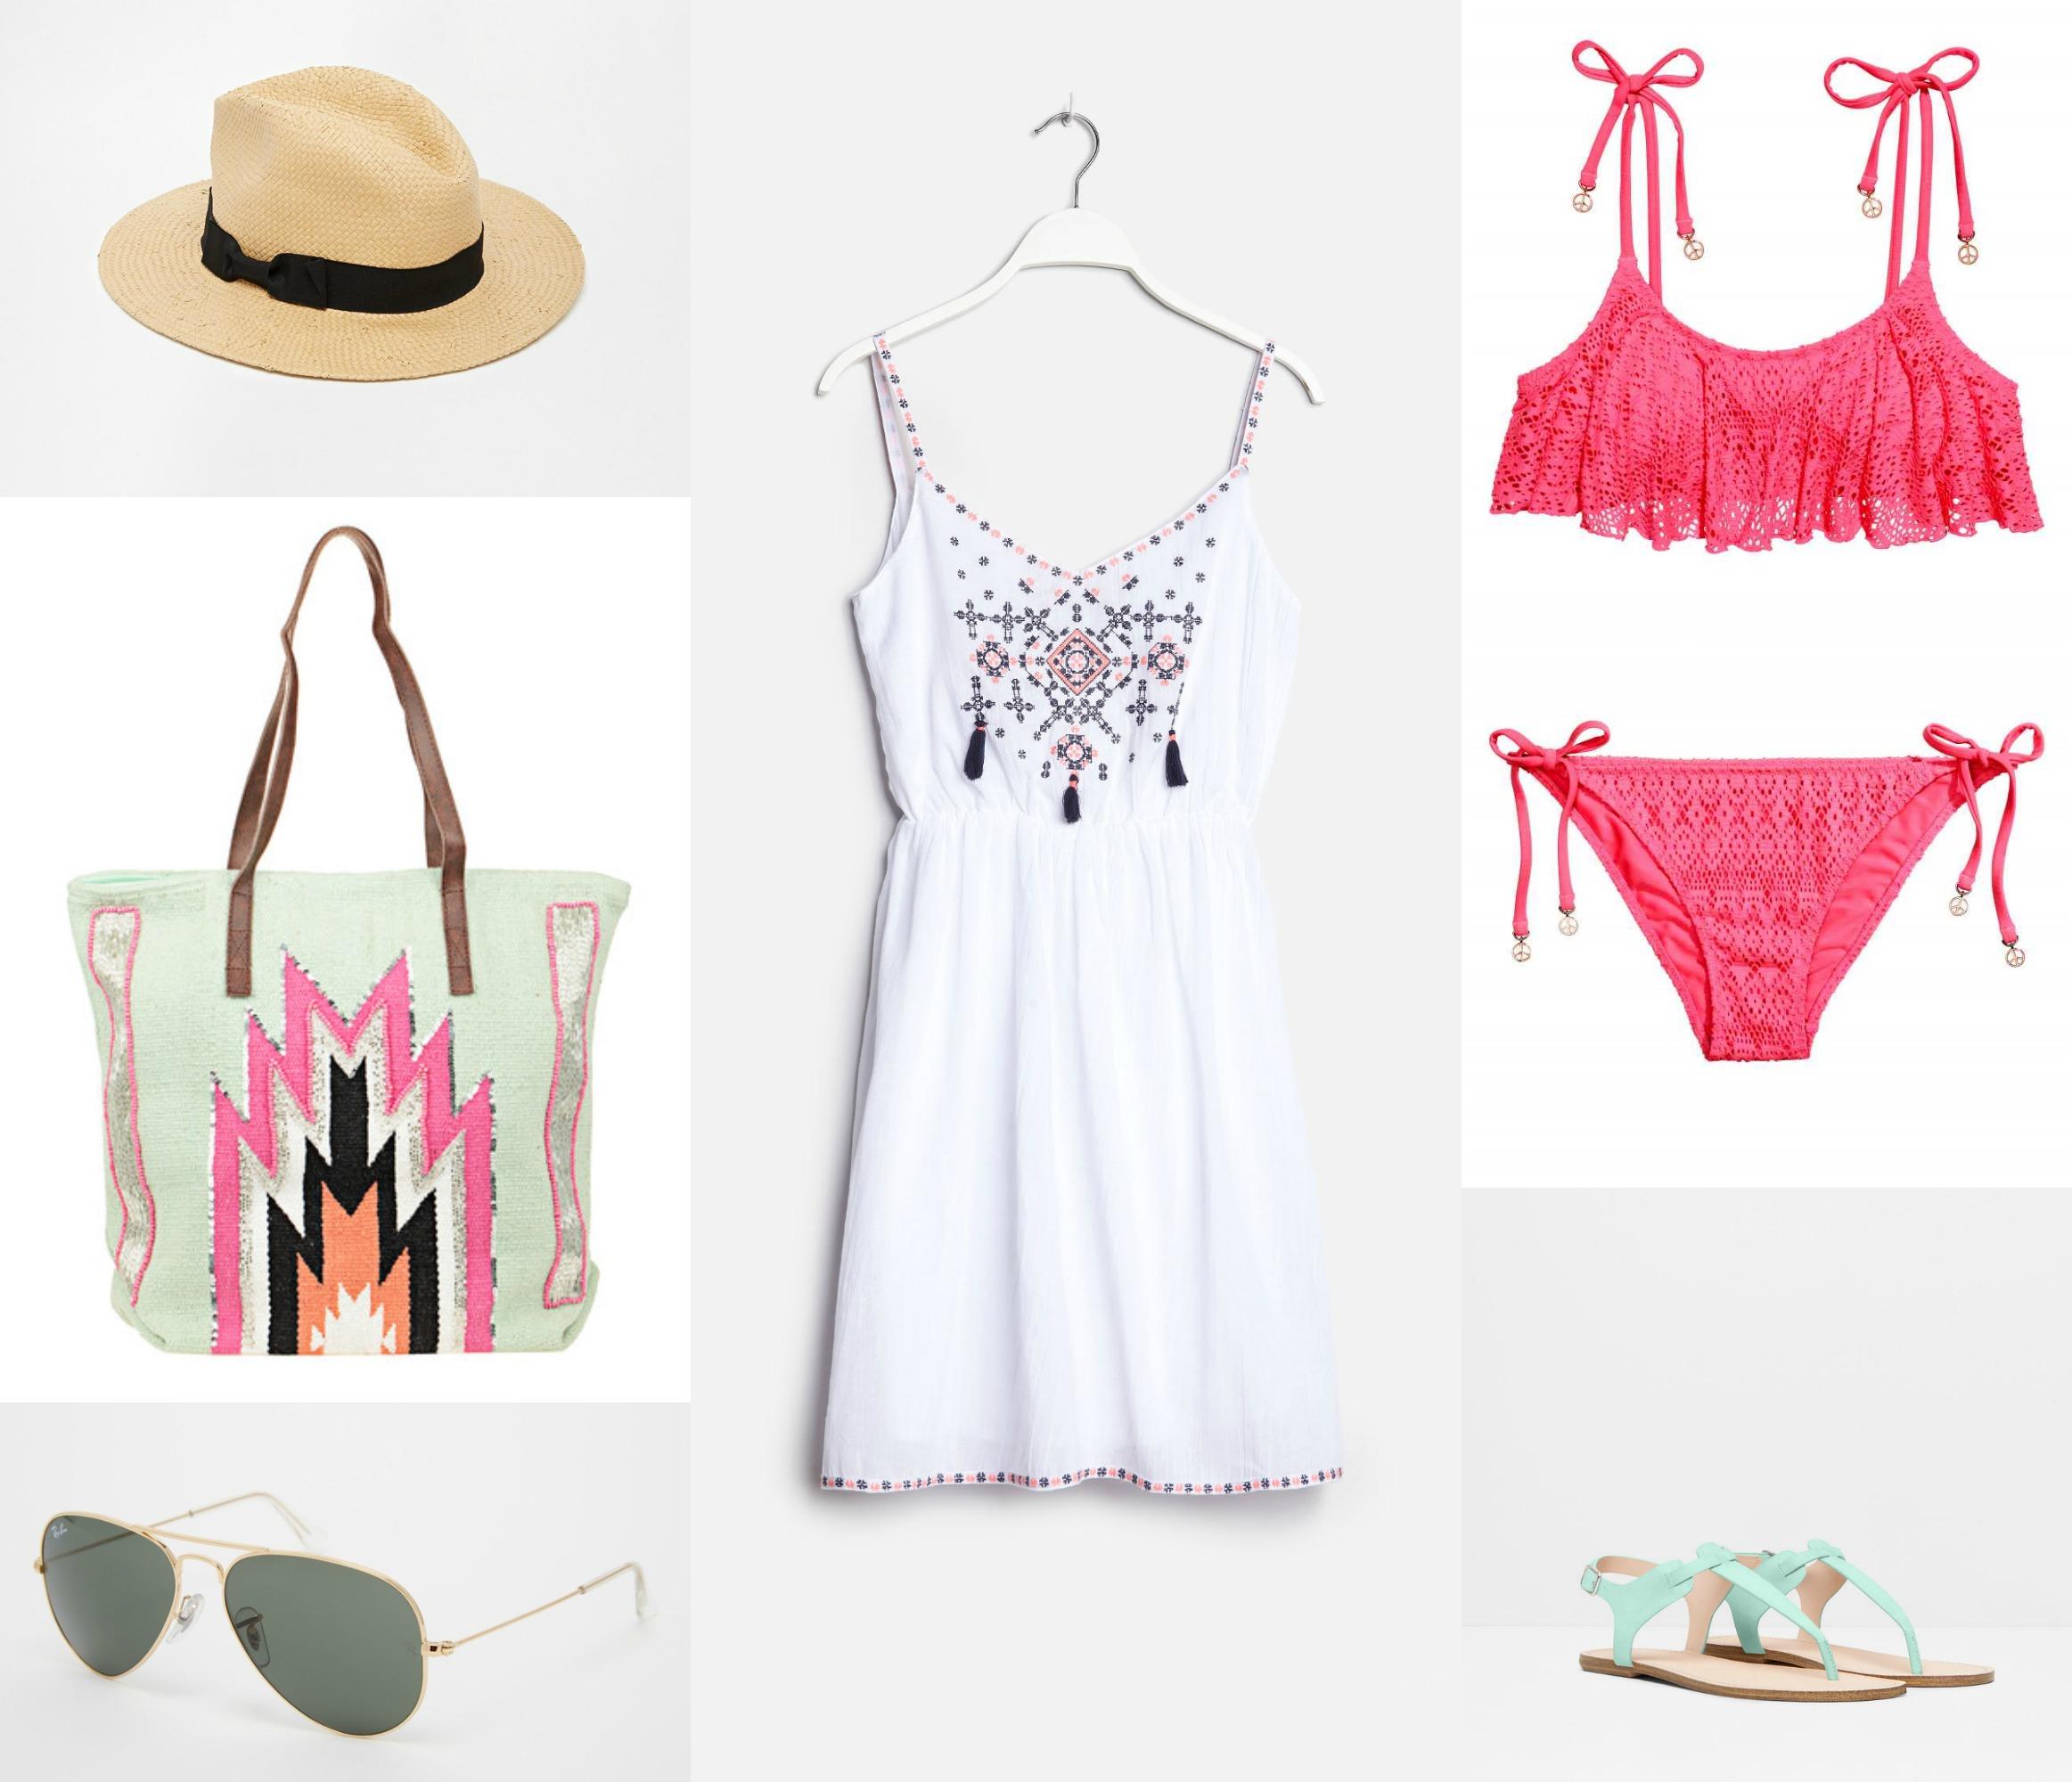 c60c196f6f tenue de plage idéale look de plage summer outfit blog mode rockmycasbah